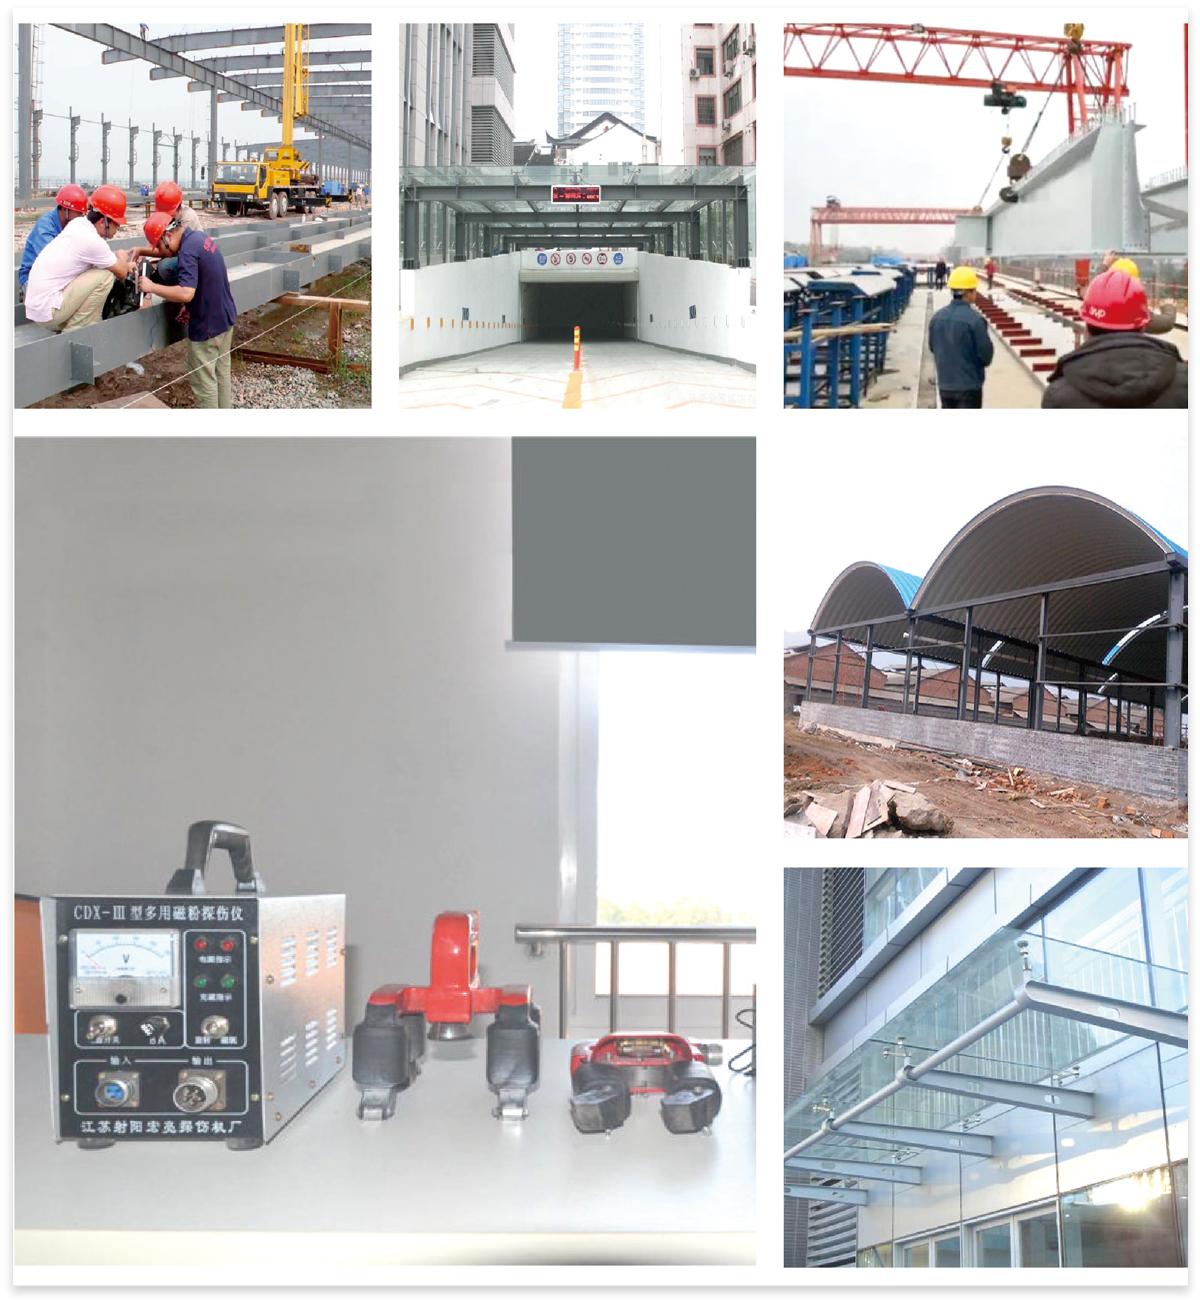 哈尔滨专业房屋安全检测工程公司